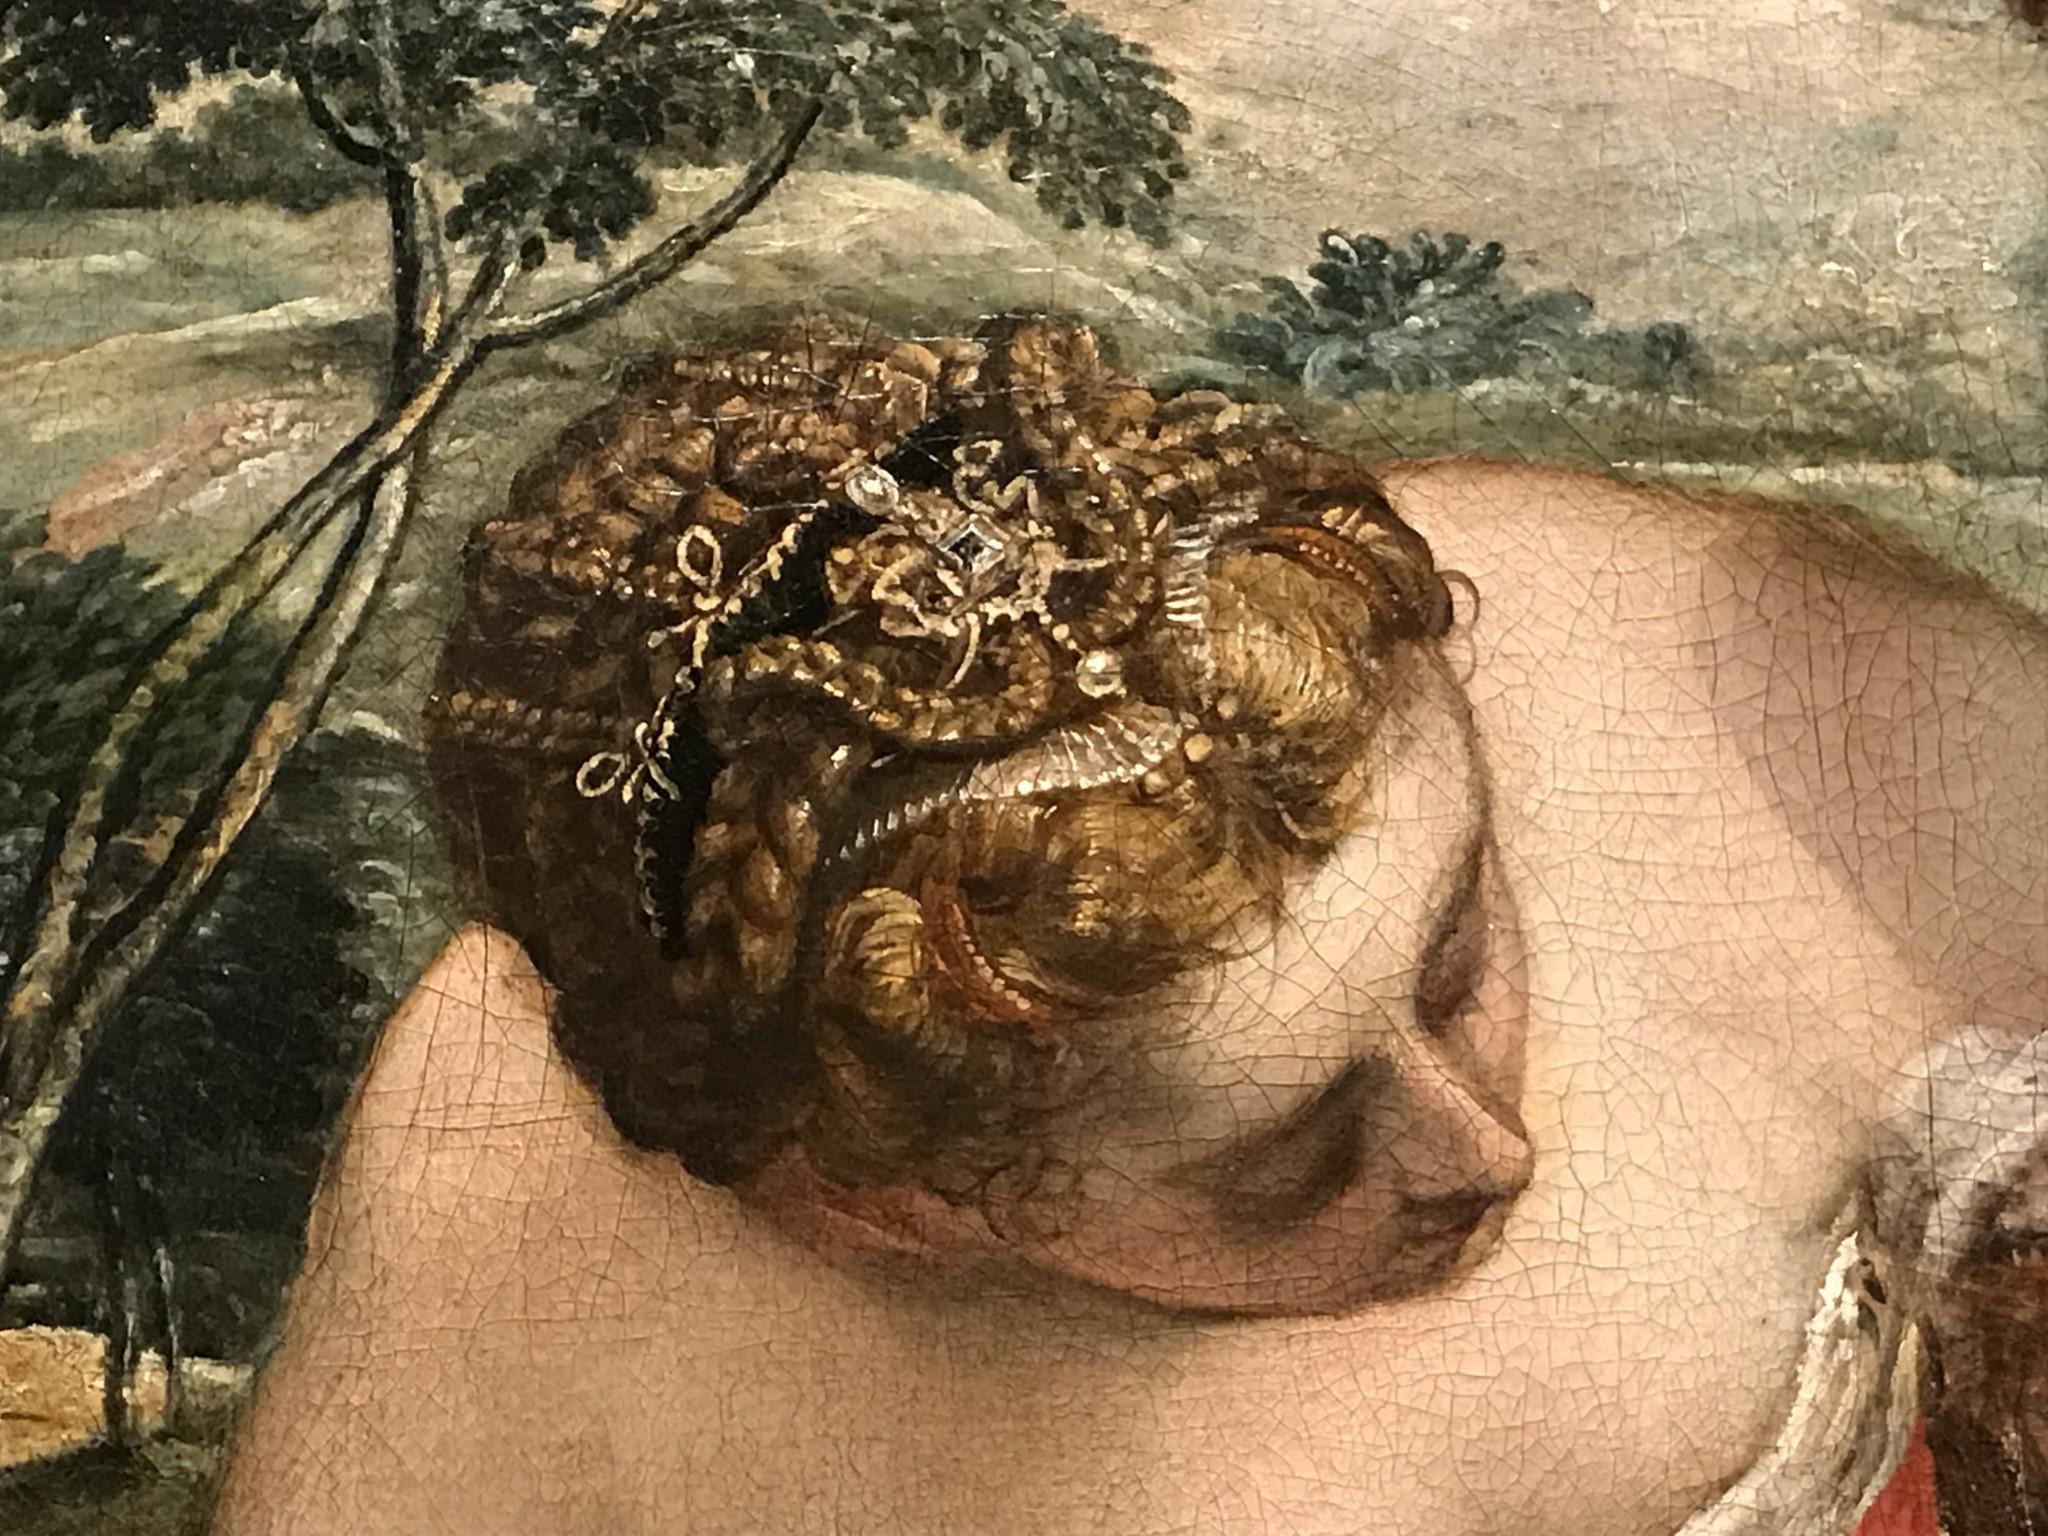 Peintre nordique travaillant à Venise dans l'atelier de Tintoret La Mort d'Adonis vers 1550-1555 (1552-1553 ?) huile sur bois 155 x 199 cm Paris, Musée du Louvre Département des Peintures (detail)